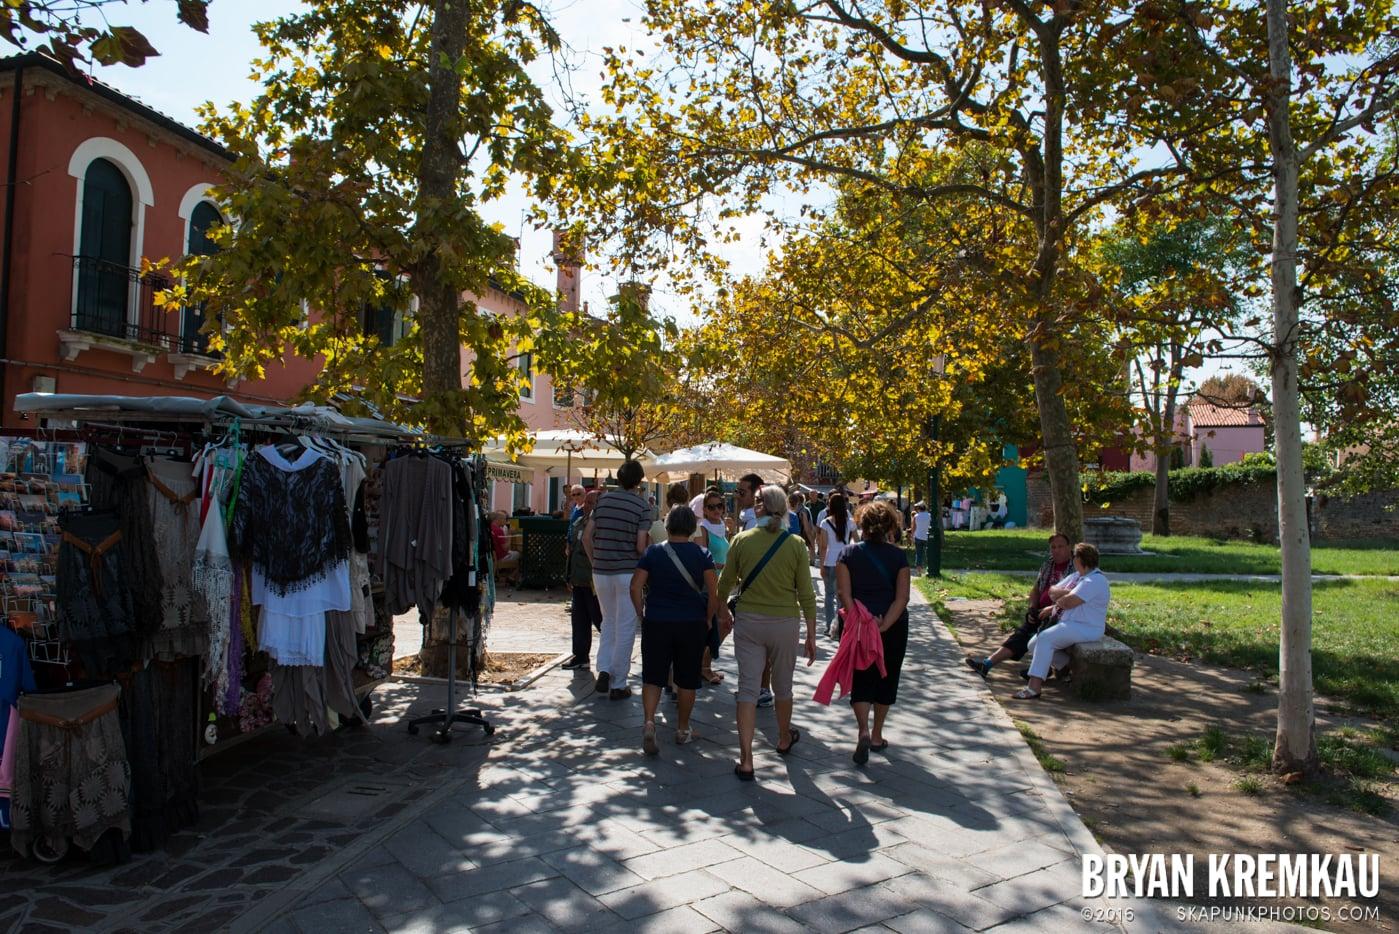 Italy Vacation - Day 6: Murano, Burano, Venice - 9.14.13 (71)